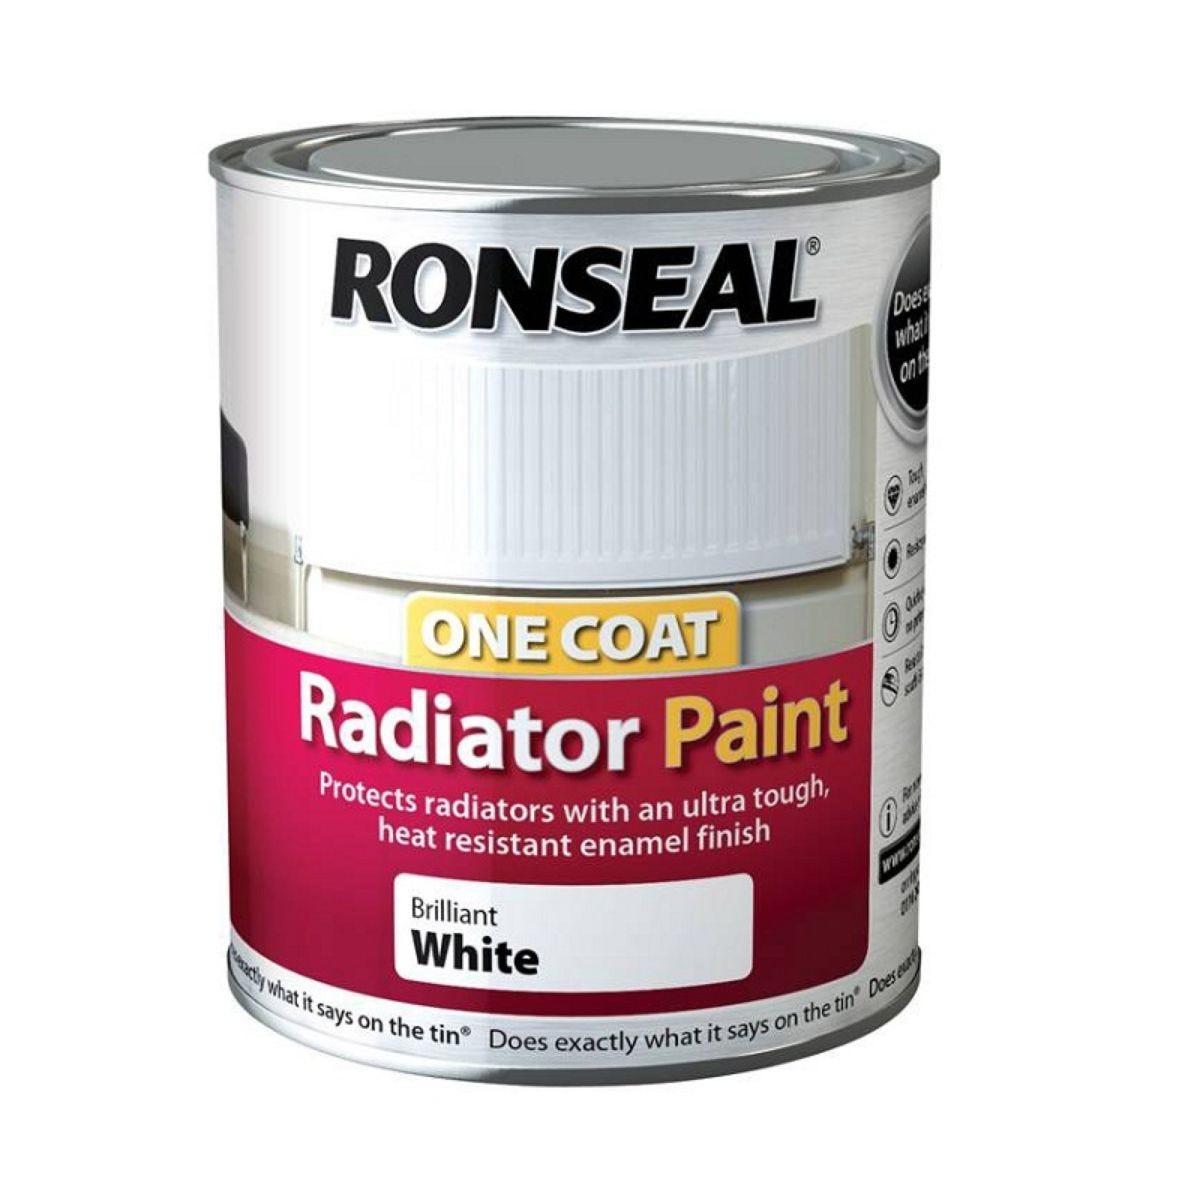 Ronseal Radiator Paint White 250g